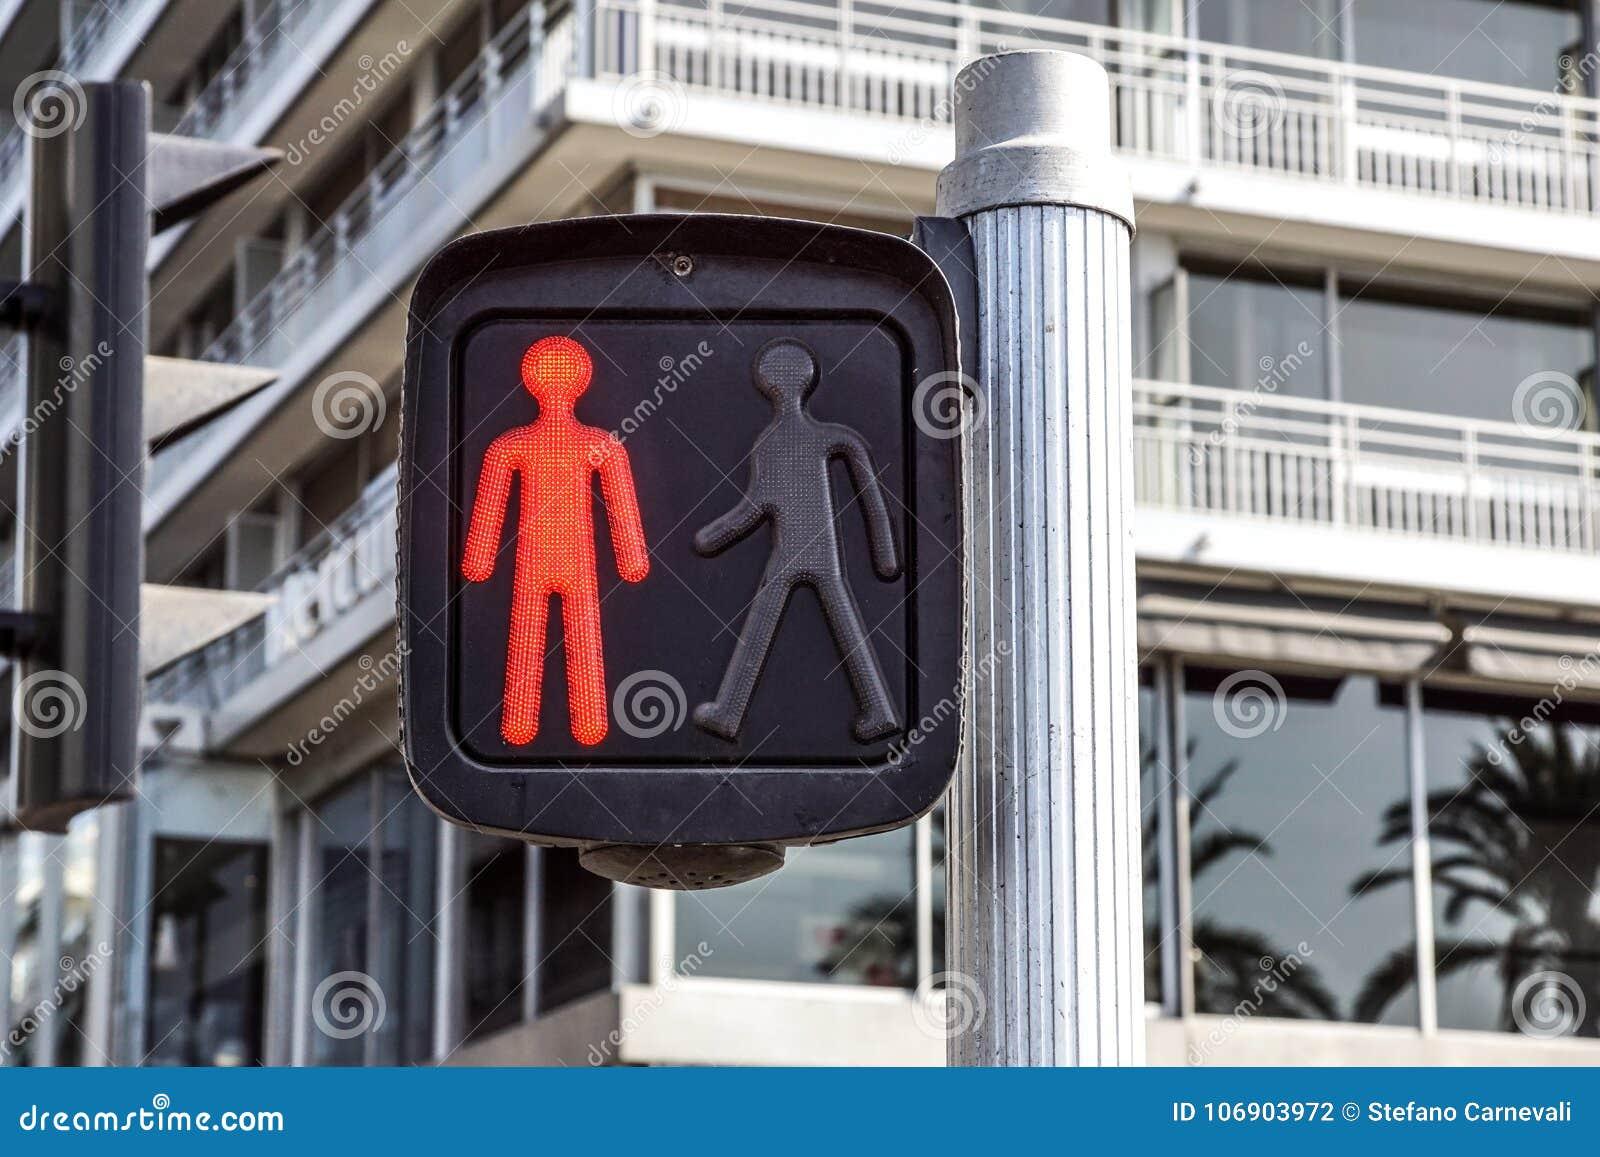 Czerwony światła ruchu dla pedestrians na ulicie,